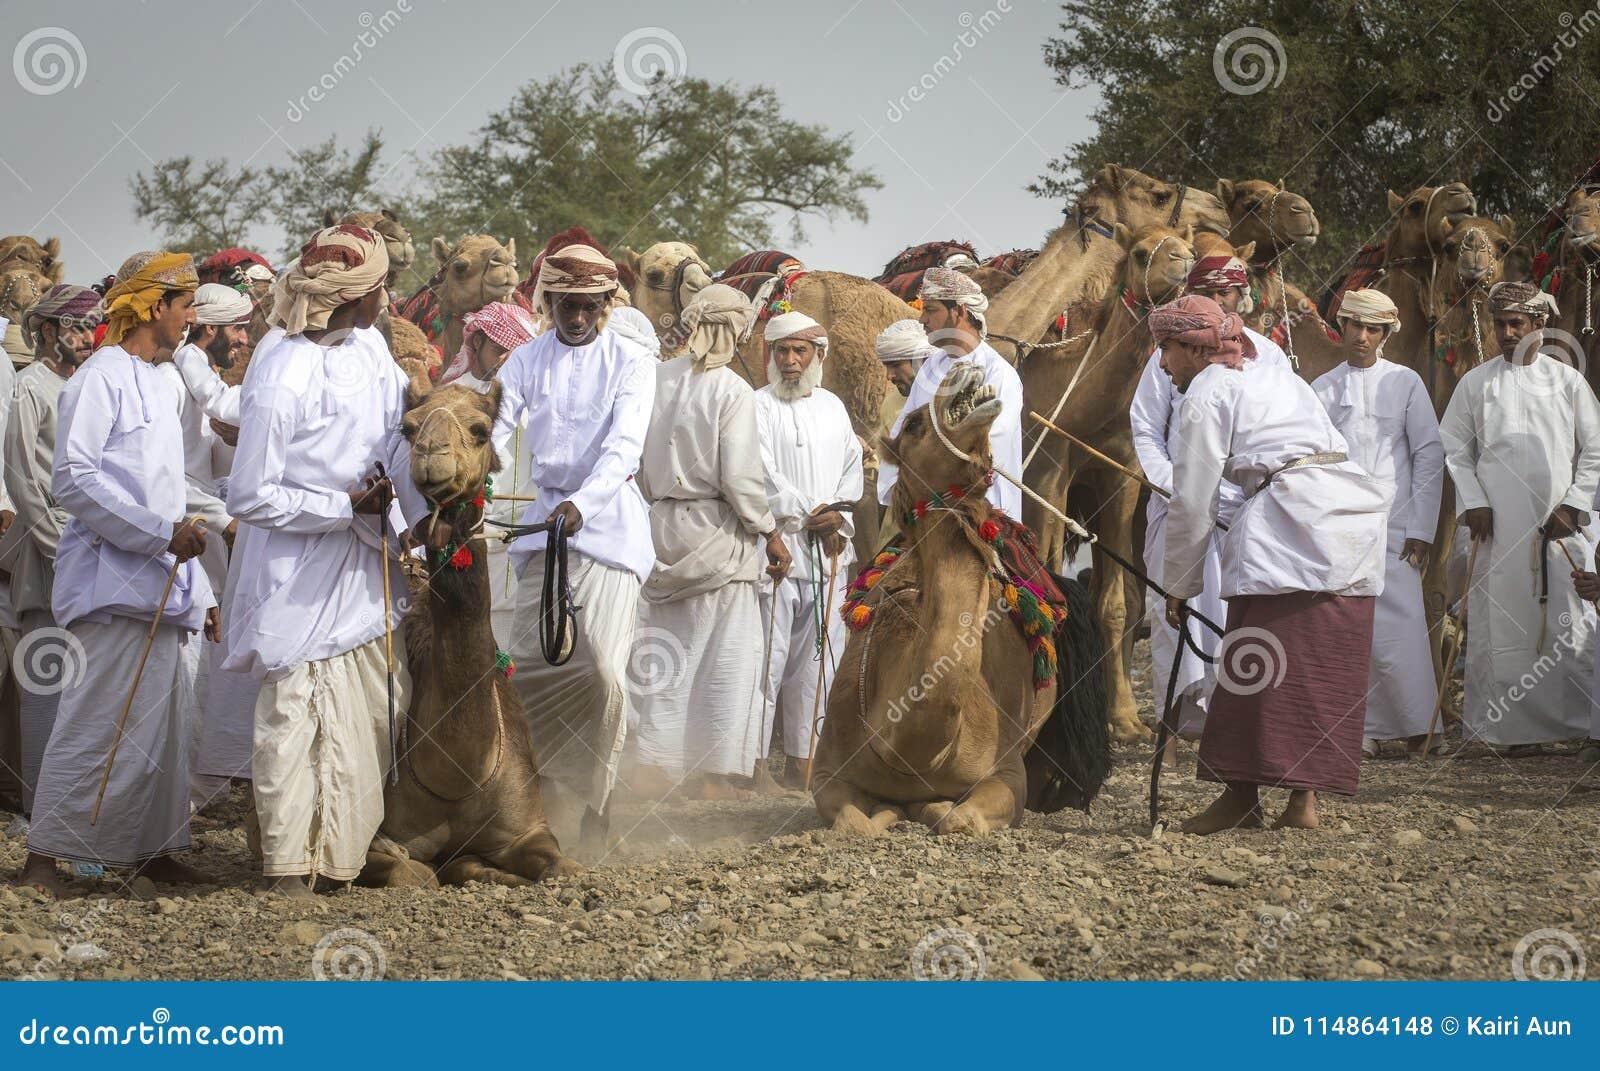 Hommes omanais étant prêts pour emballer leurs chameaux sur un pays poussiéreux